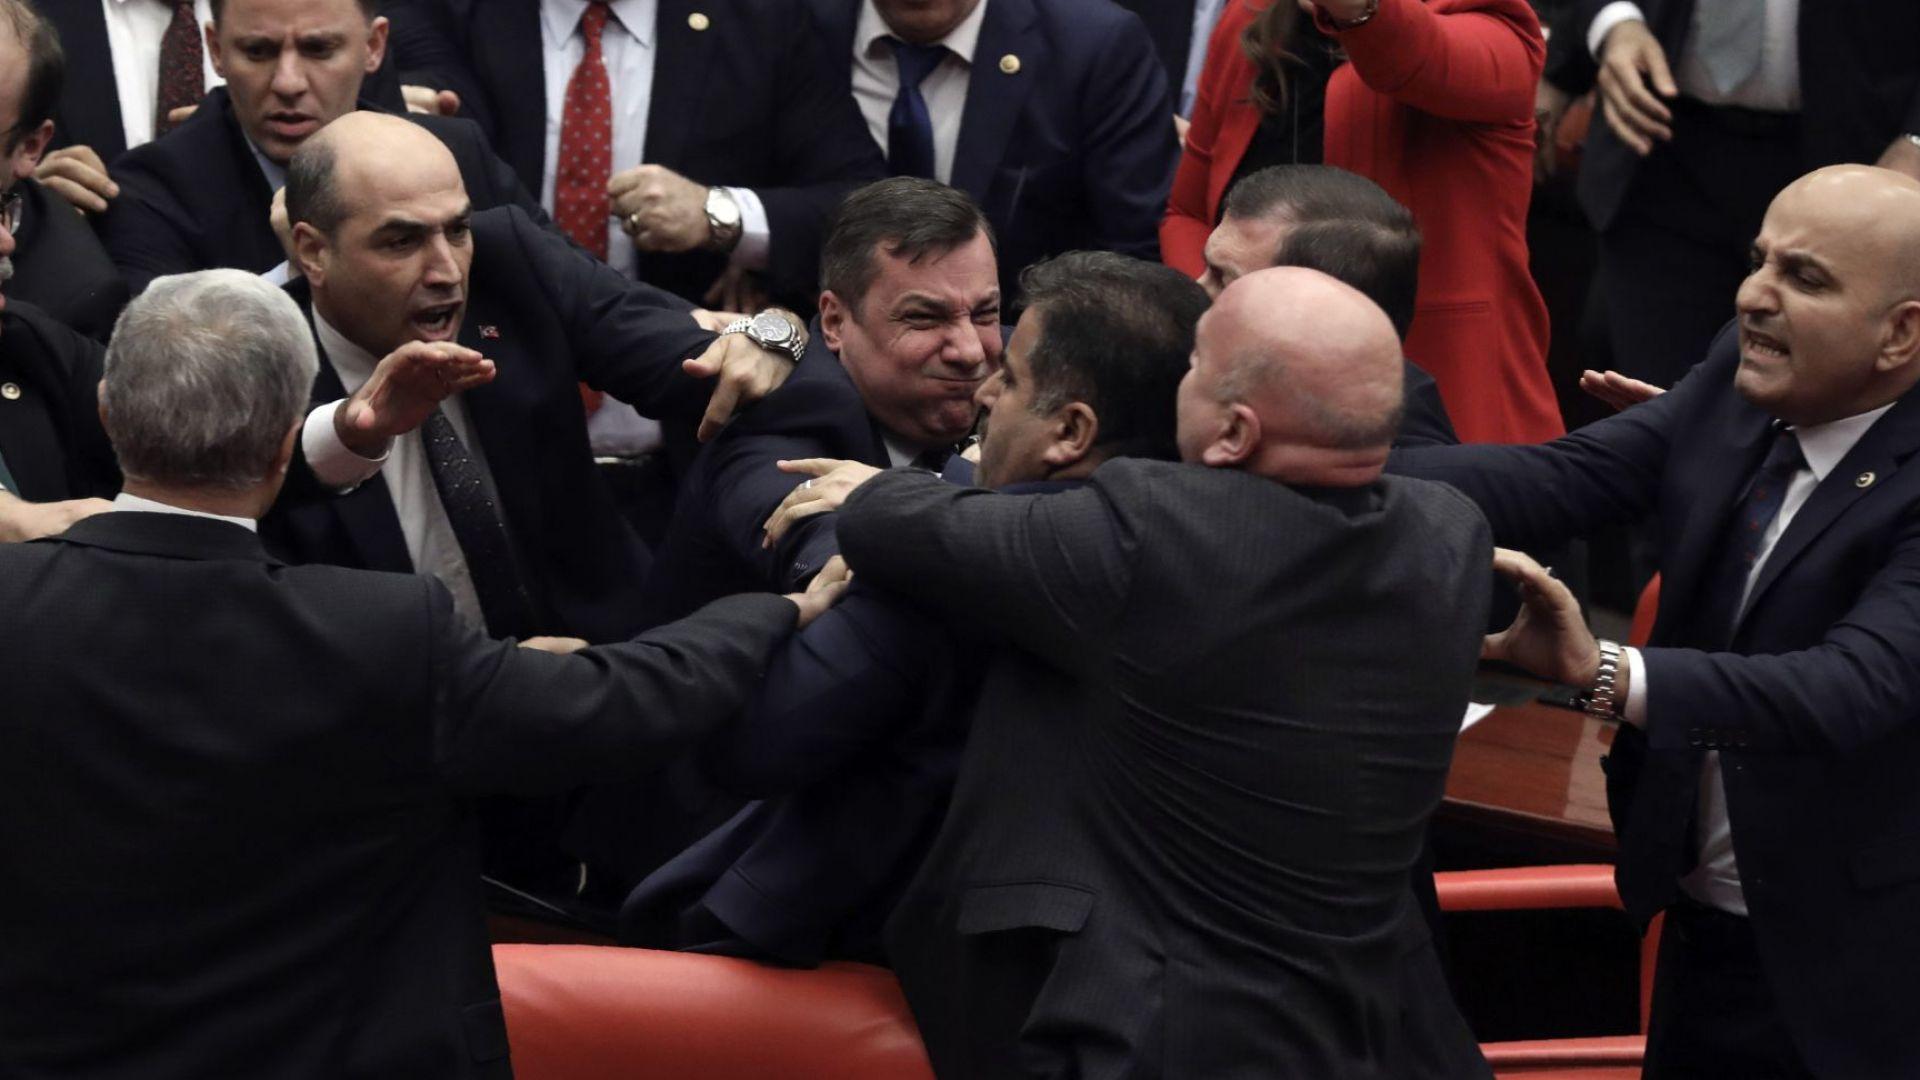 Масов бой в парламента на Турция, докато Ердоган говори с шефа на ЕП (видео/снимки)